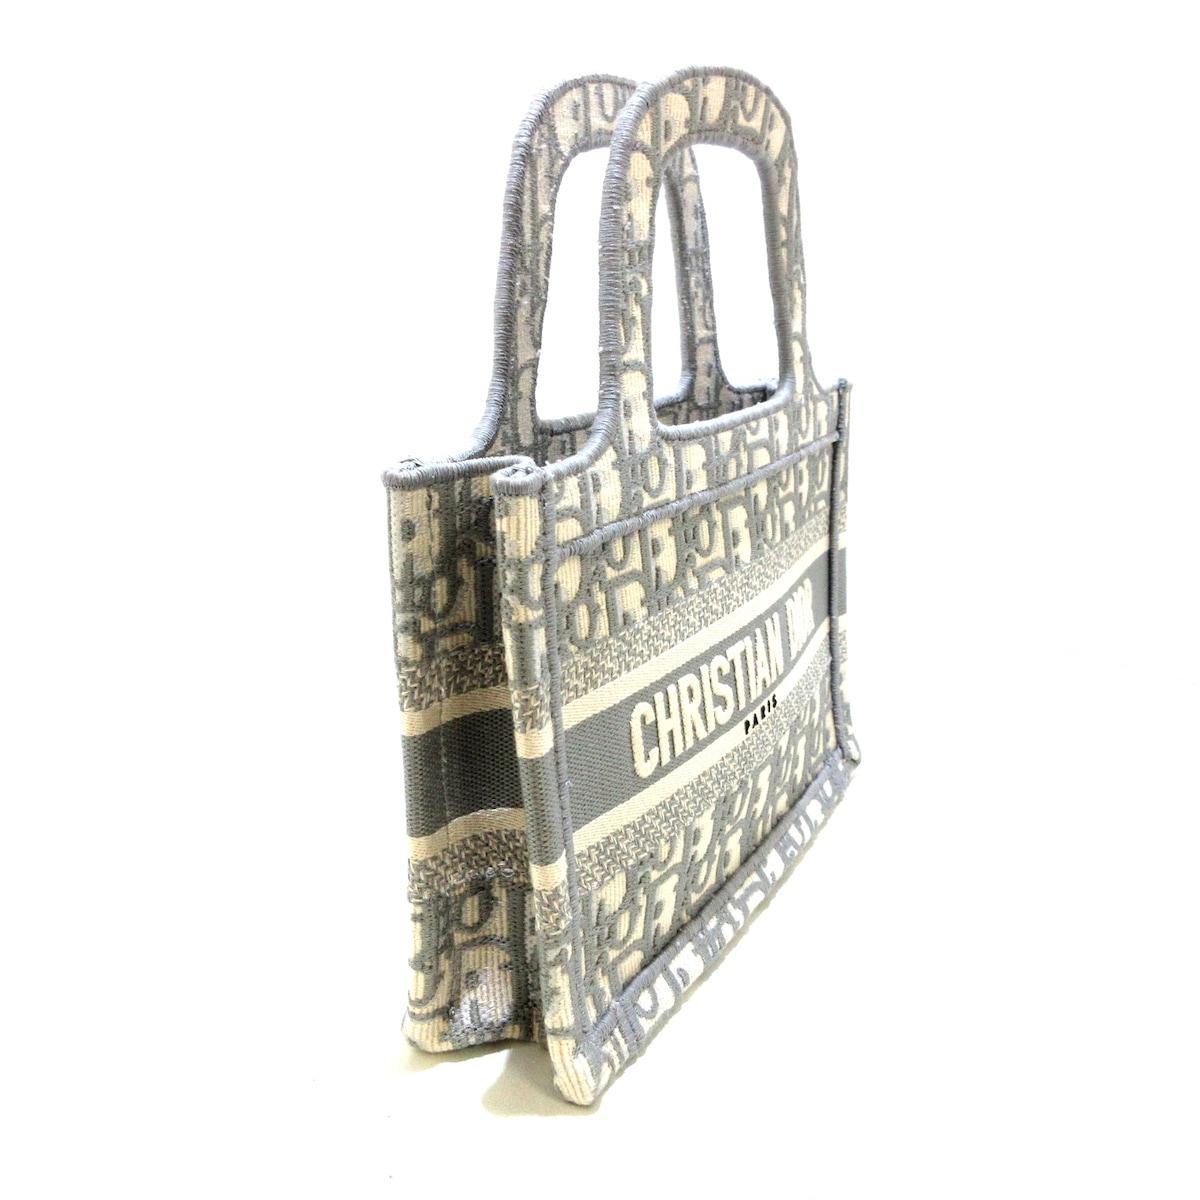 DIOR/ChristianDior(ディオール/クリスチャンディオール)のブックトートミニバッグ